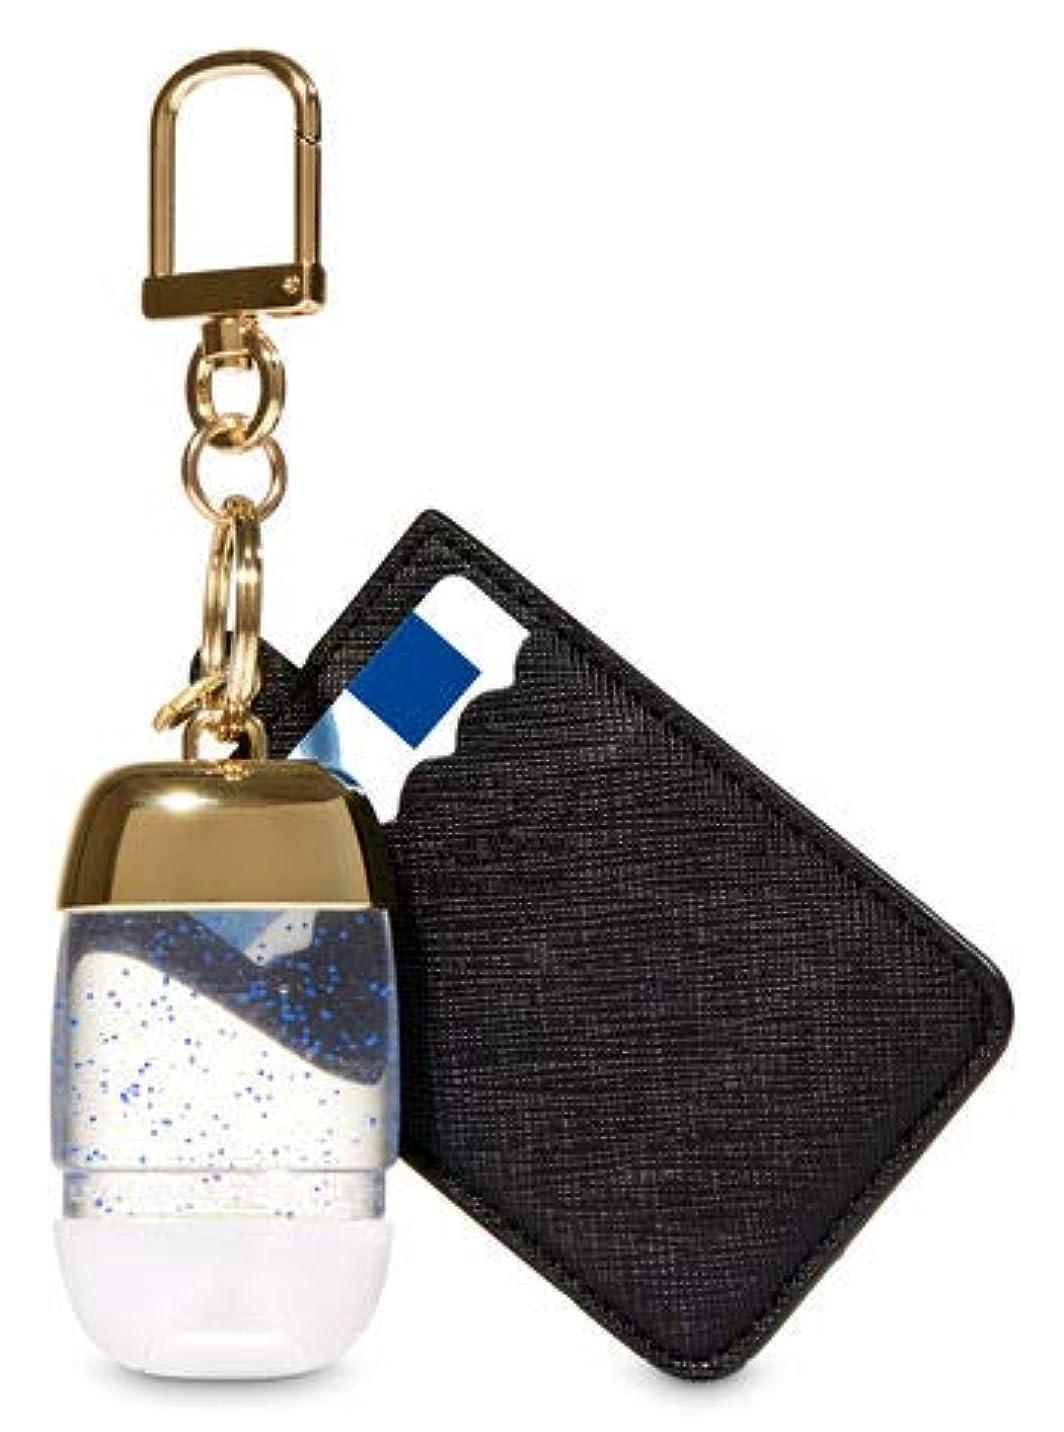 つば触手後ろに【Bath&Body Works/バス&ボディワークス】 抗菌ハンドジェルホルダー カードケース ブラック&ゴールド Credit Card & PocketBac Holder Black & Gold [並行輸入品]